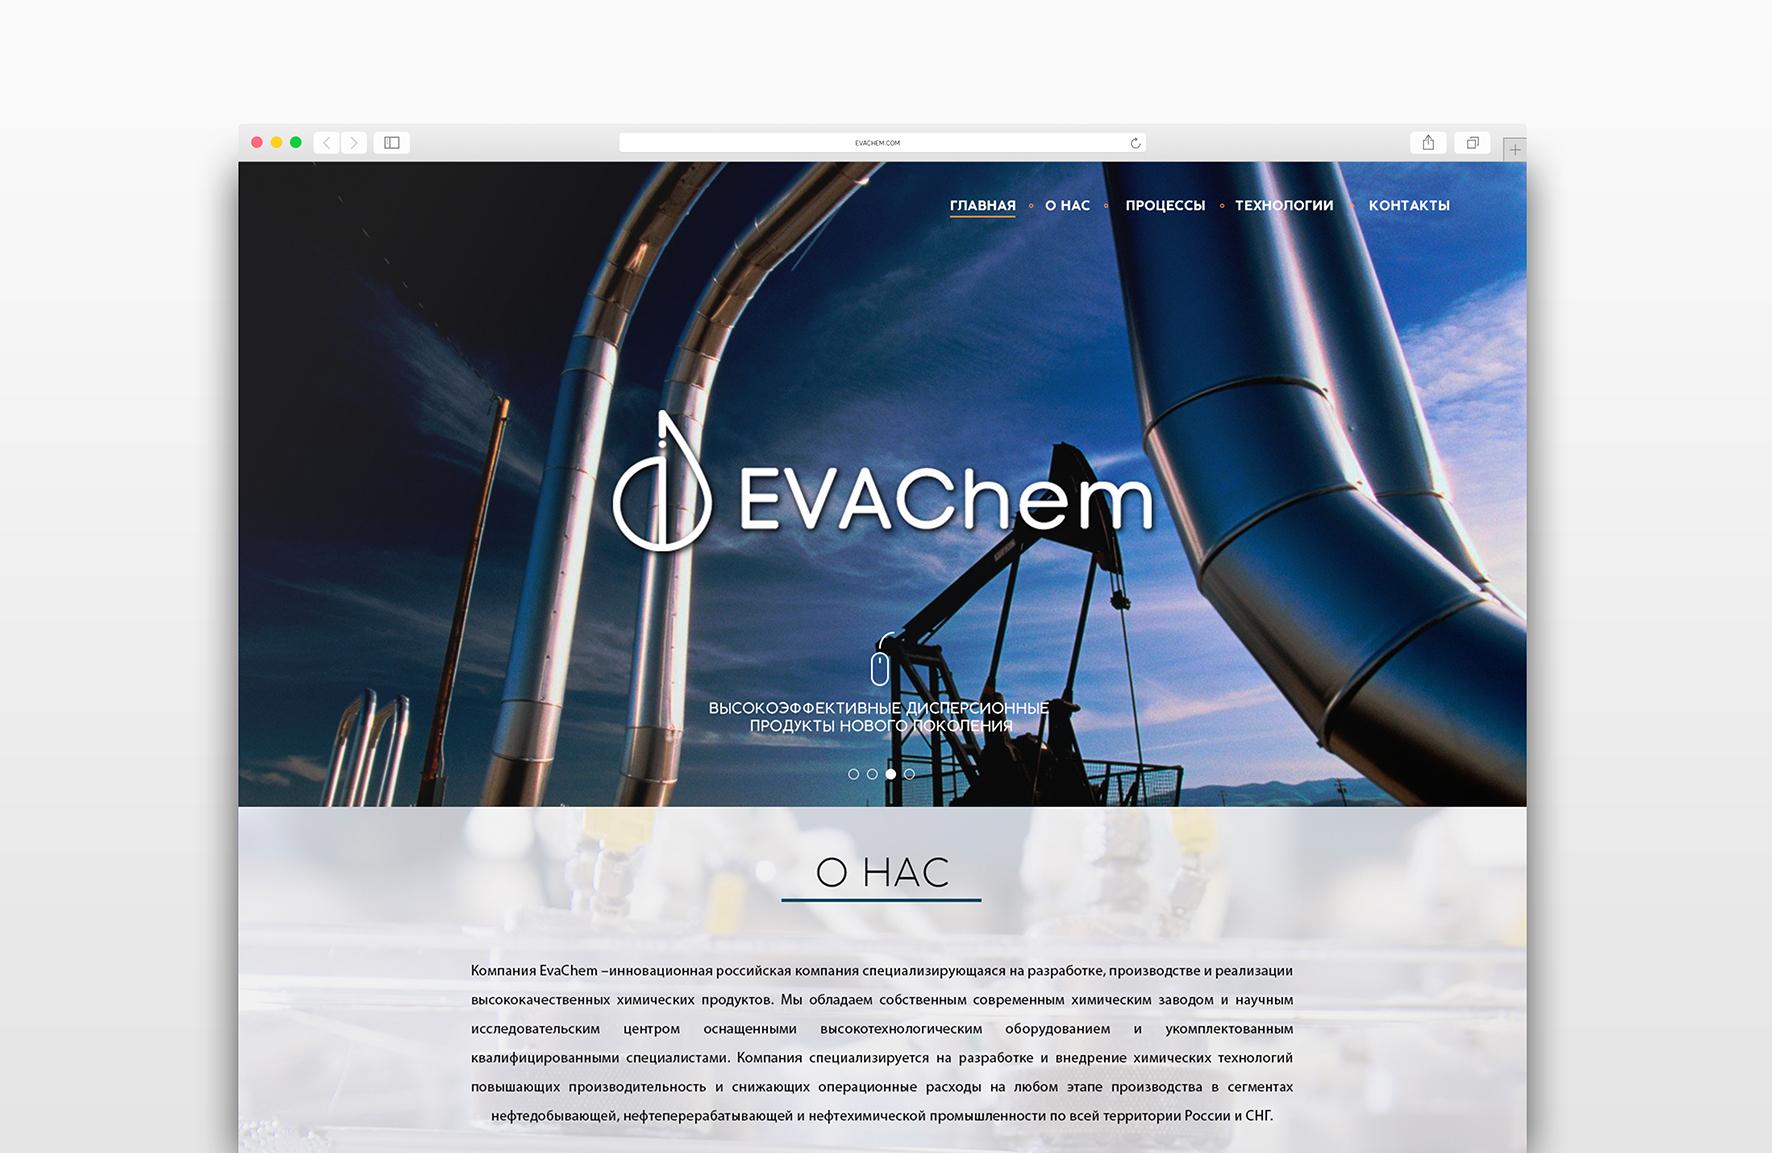 Разработка логотипа и фирменного стиля компании фото f_869572883aa295c8.jpg